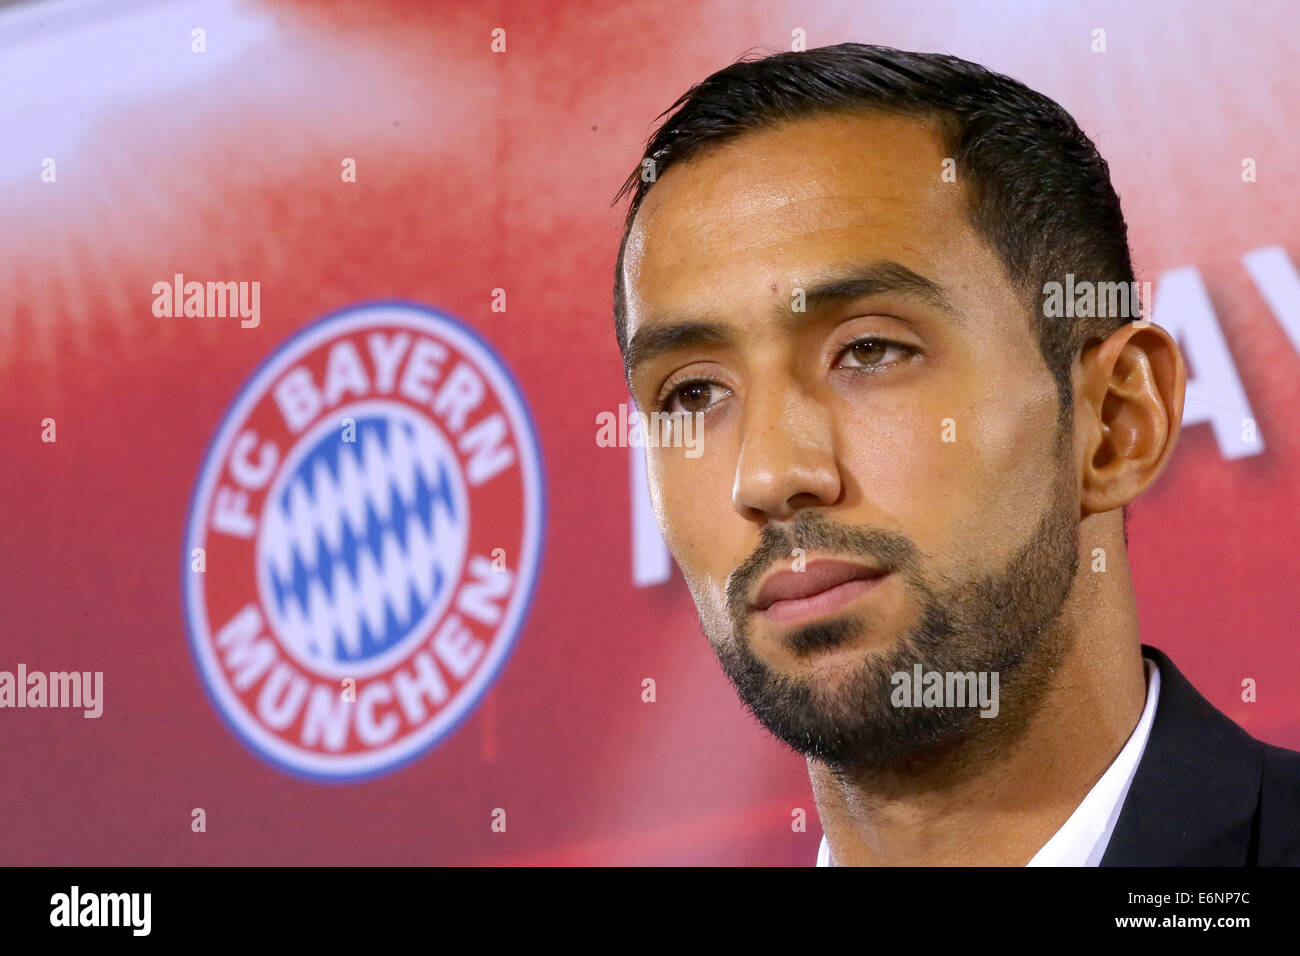 Munich Germany 28th Aug 2014 Mehdi Benatia of FC Bayern